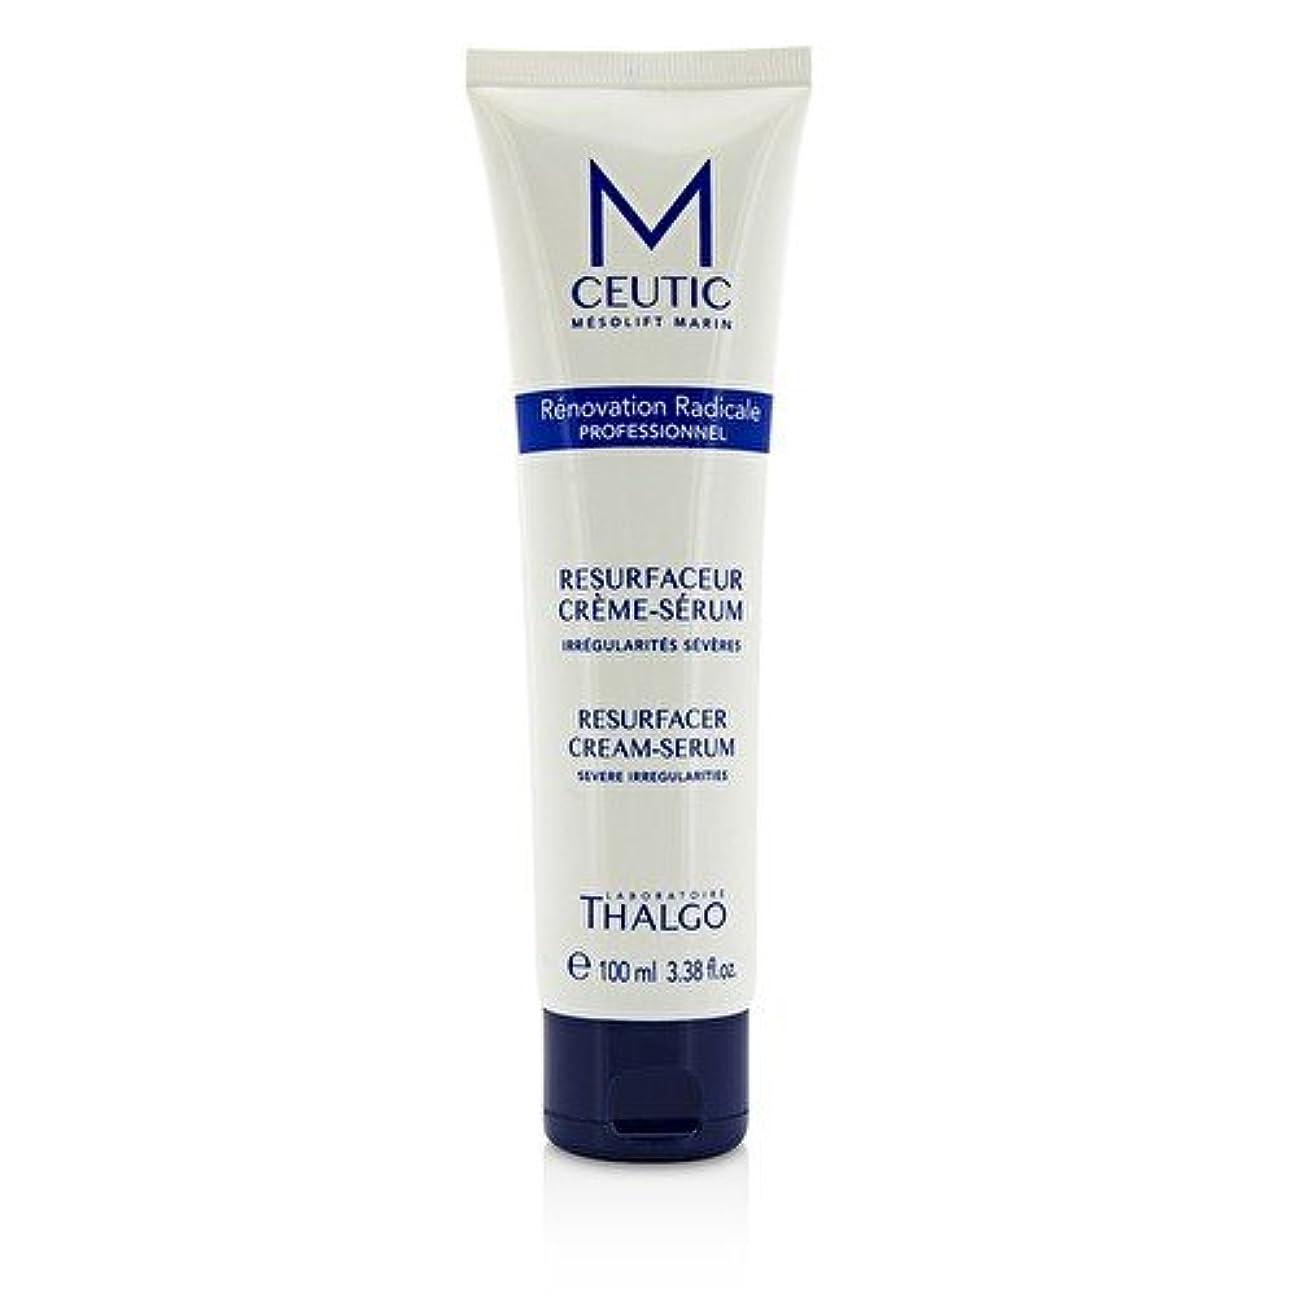 キャンセル罪悪感不運タルゴ MCEUTIC Resurfacer Cream-Serum - Salon Size 100ml/3.38oz並行輸入品